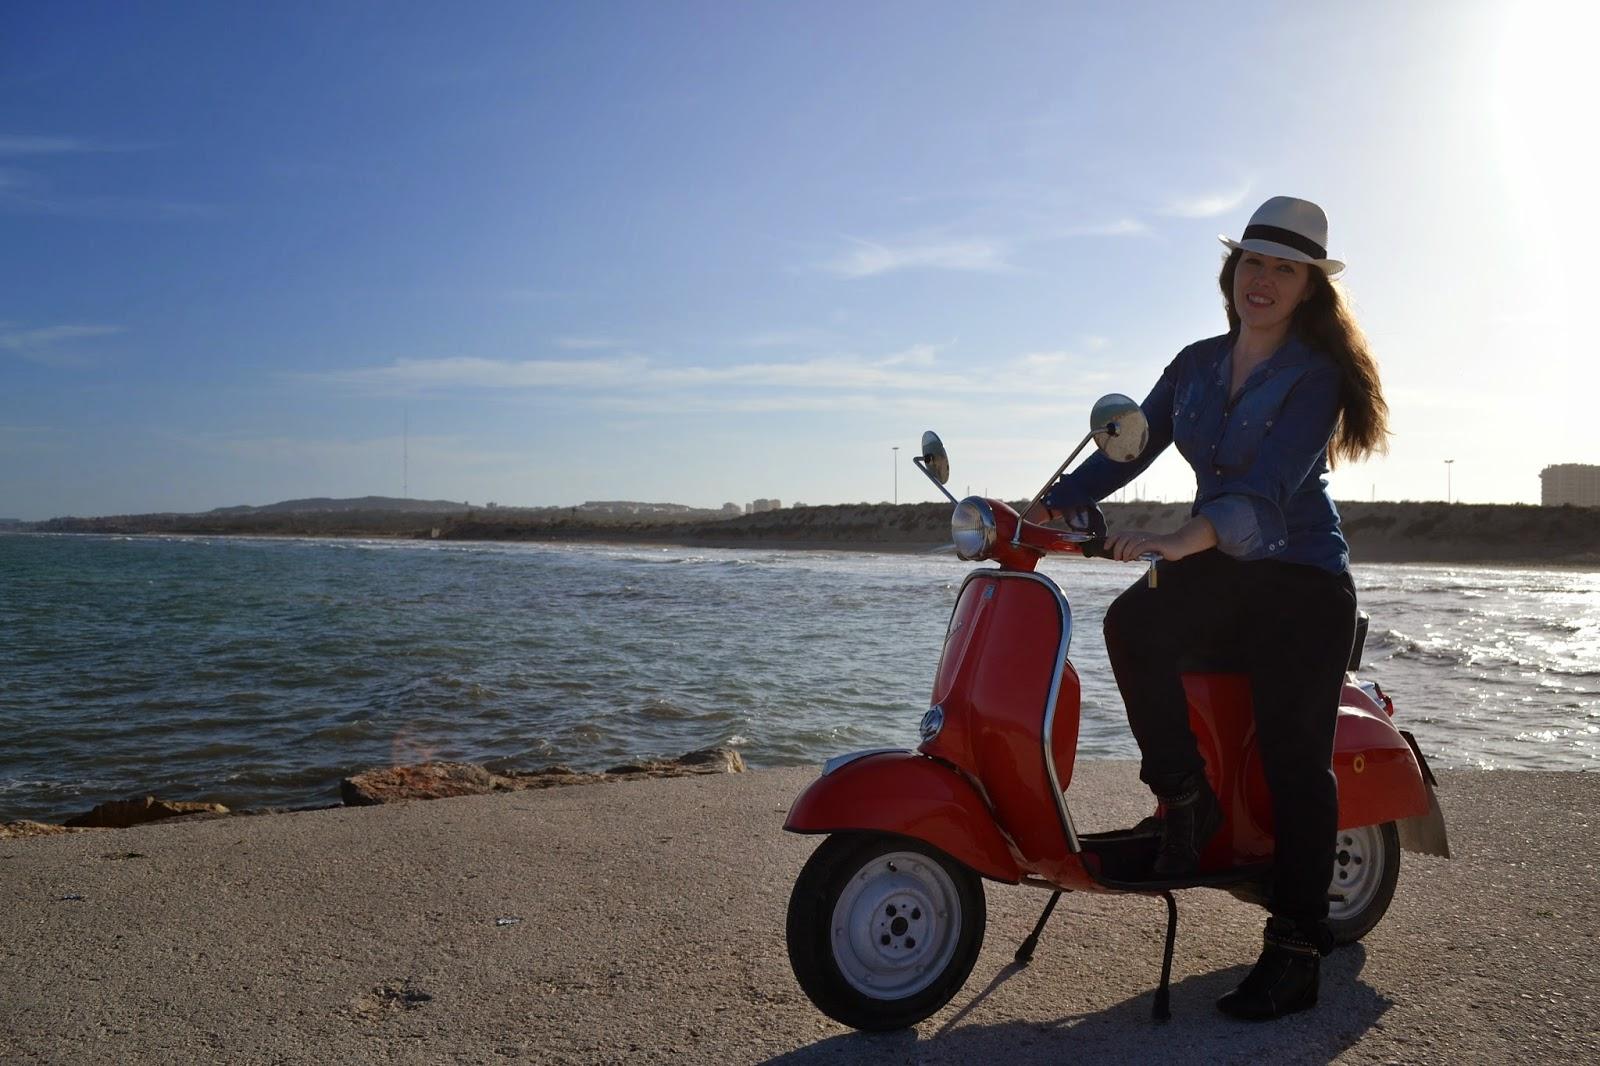 Guardamar del Segura Alicante Esencia Trendy viajes viajes con estilo lifestyle blog blogger